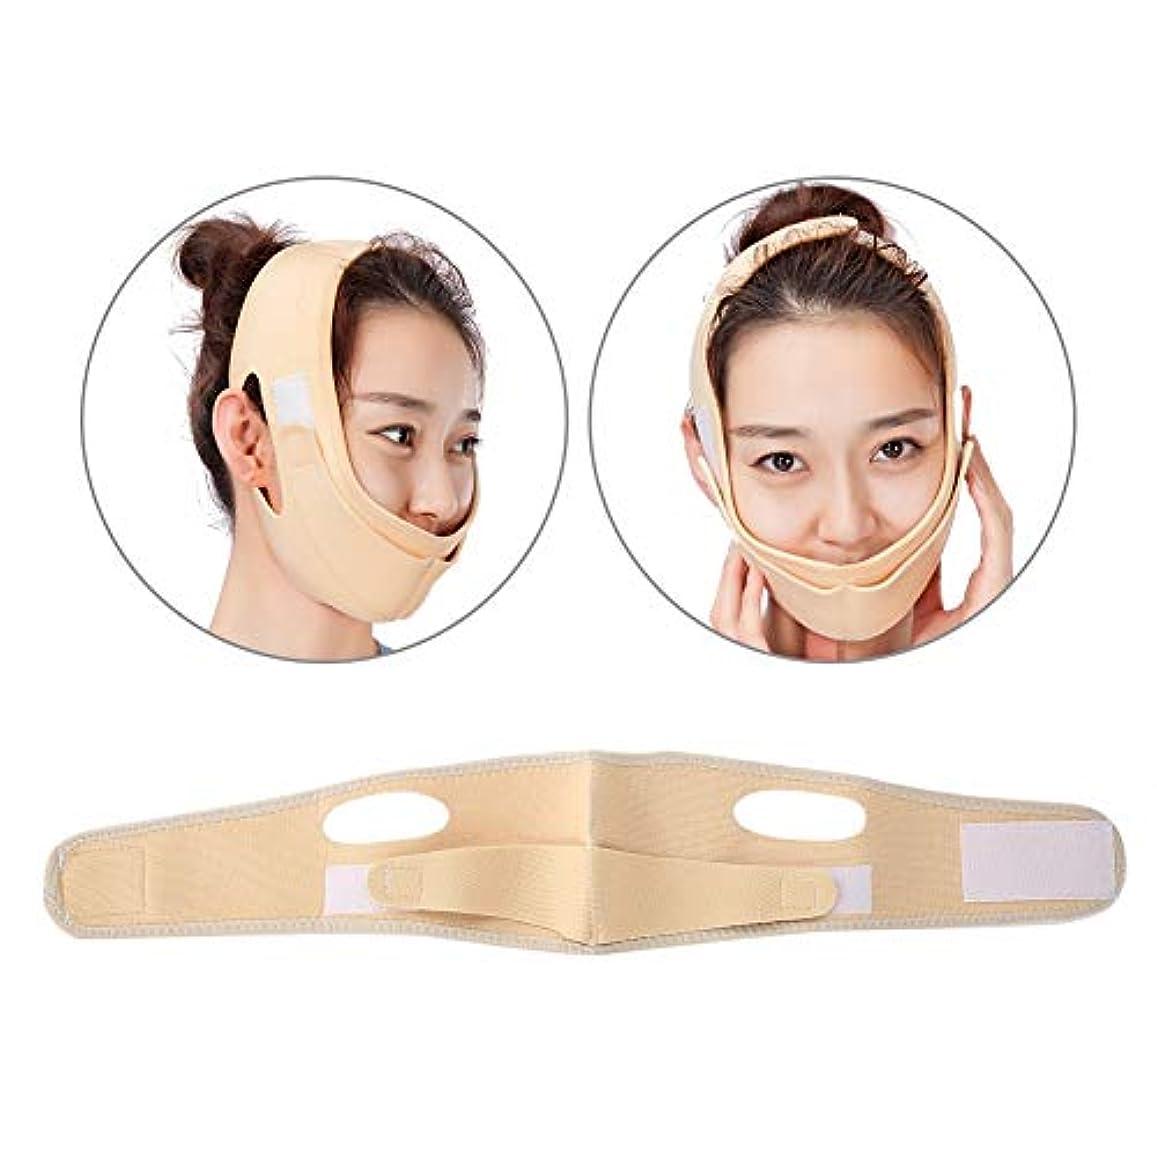 数字ロッジ天才2タイプフェイスリフティングマスク、ナチュラルVチーク舐め締めベルト、アンチリンクル引き締めスキンマスク、フェイスリフティング減量アンチダブルフェイシャル包帯(1#)